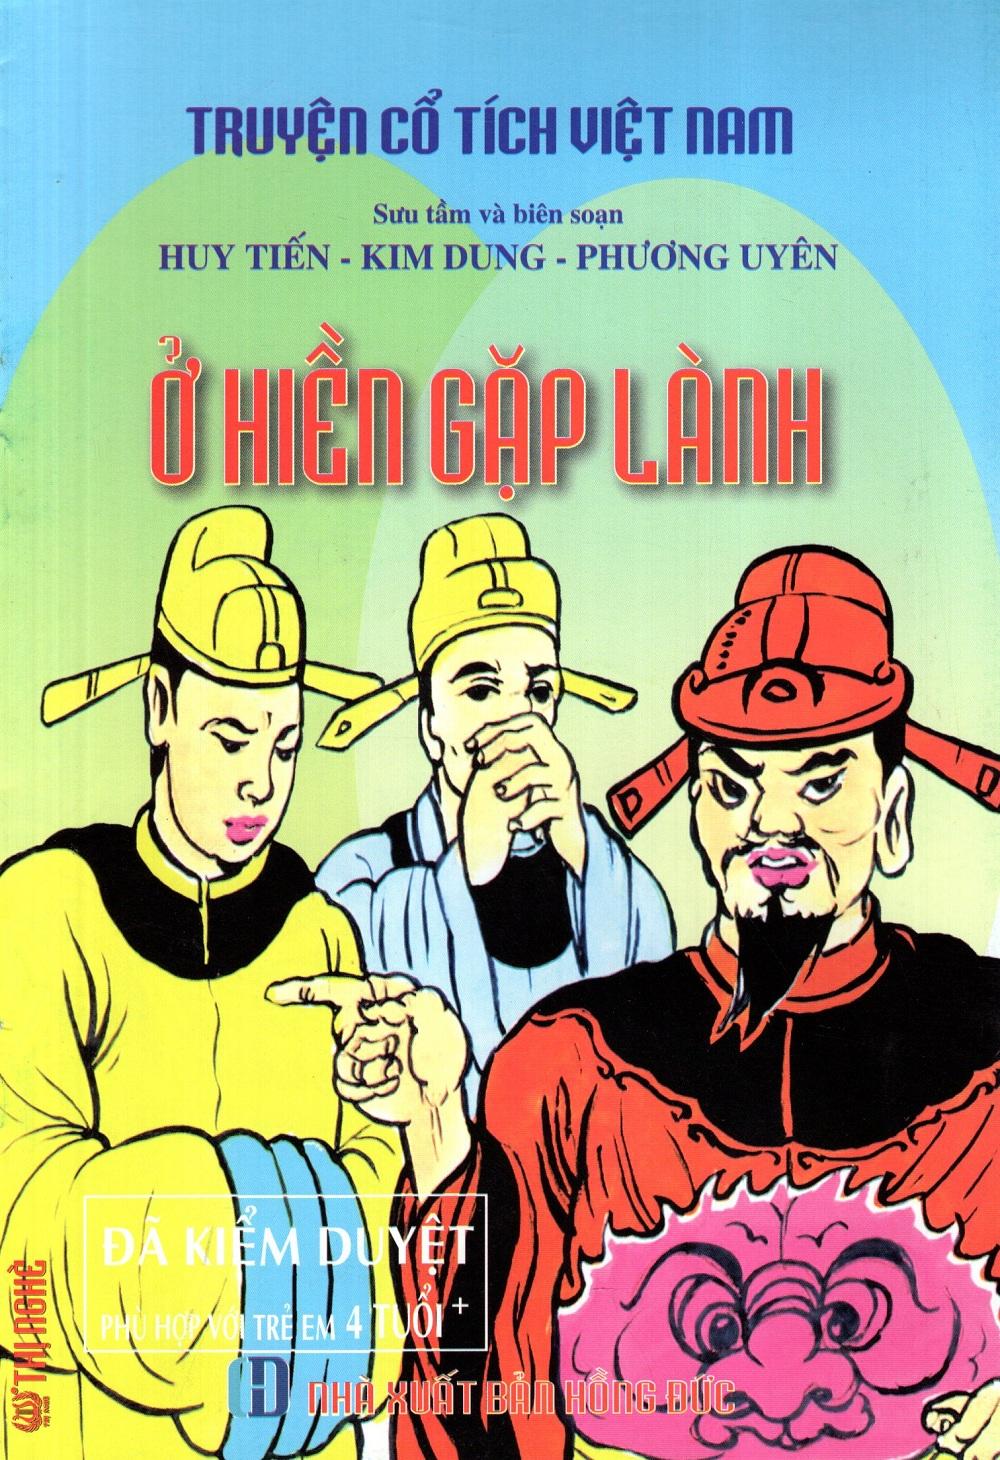 Truyện Cổ Tích Việt Nam - Ở Hiền Gặp Lành